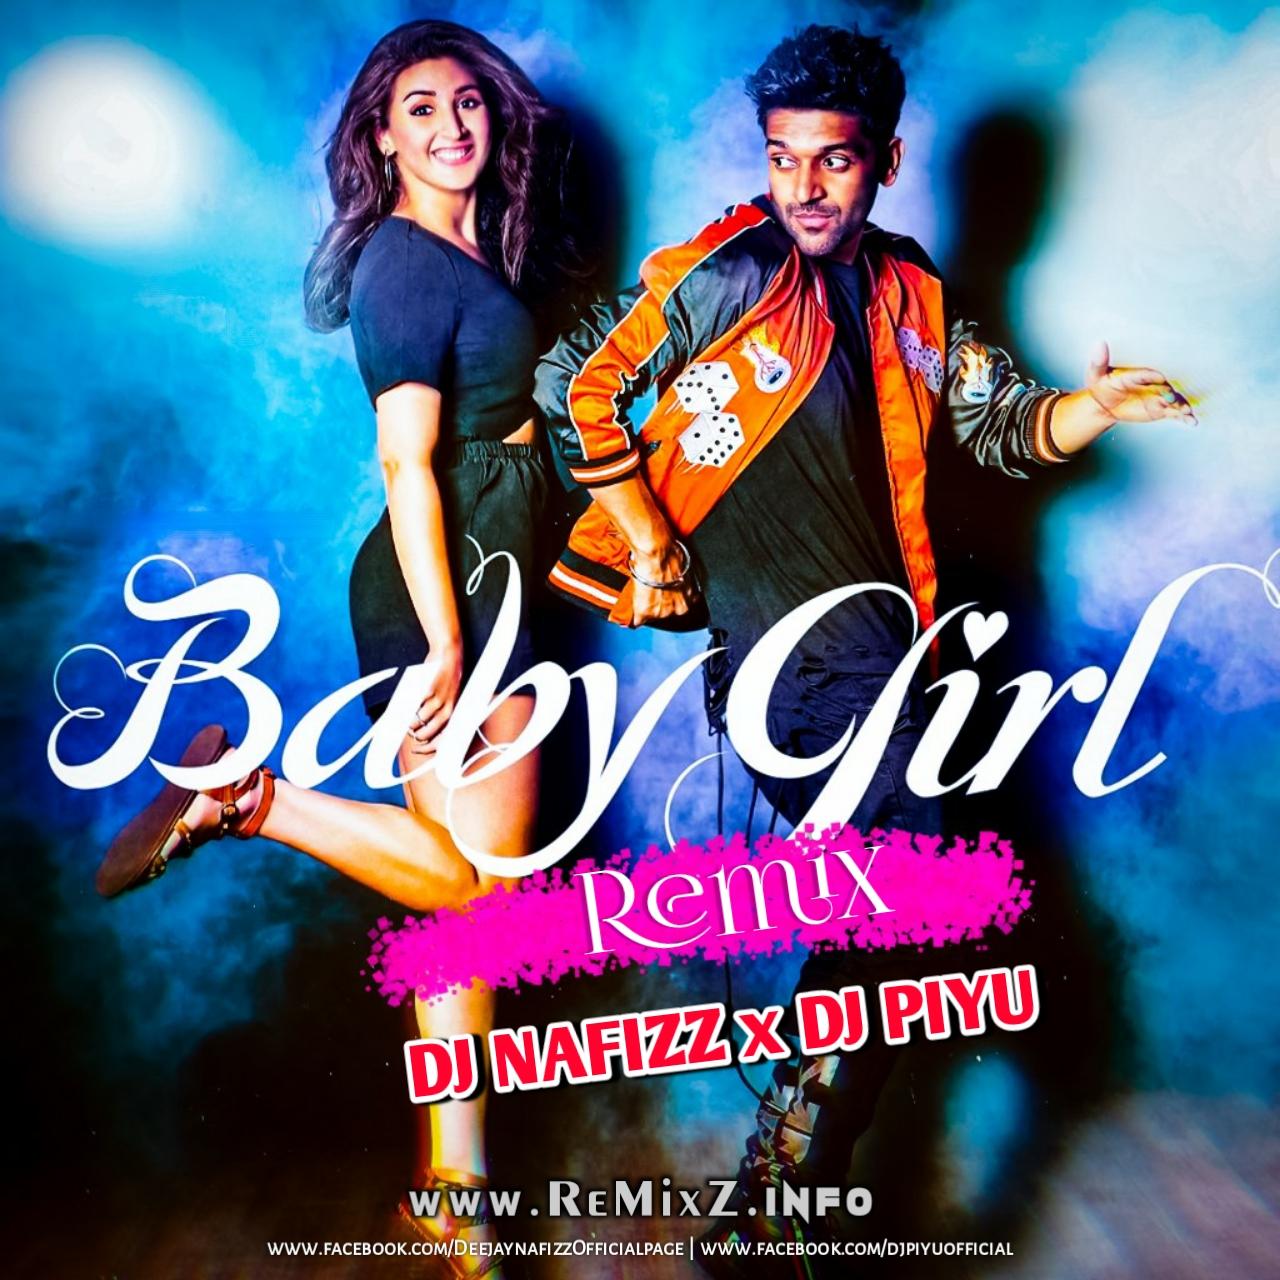 baby-girl-guru-randhawa-remix-dj-nafizz.jpg